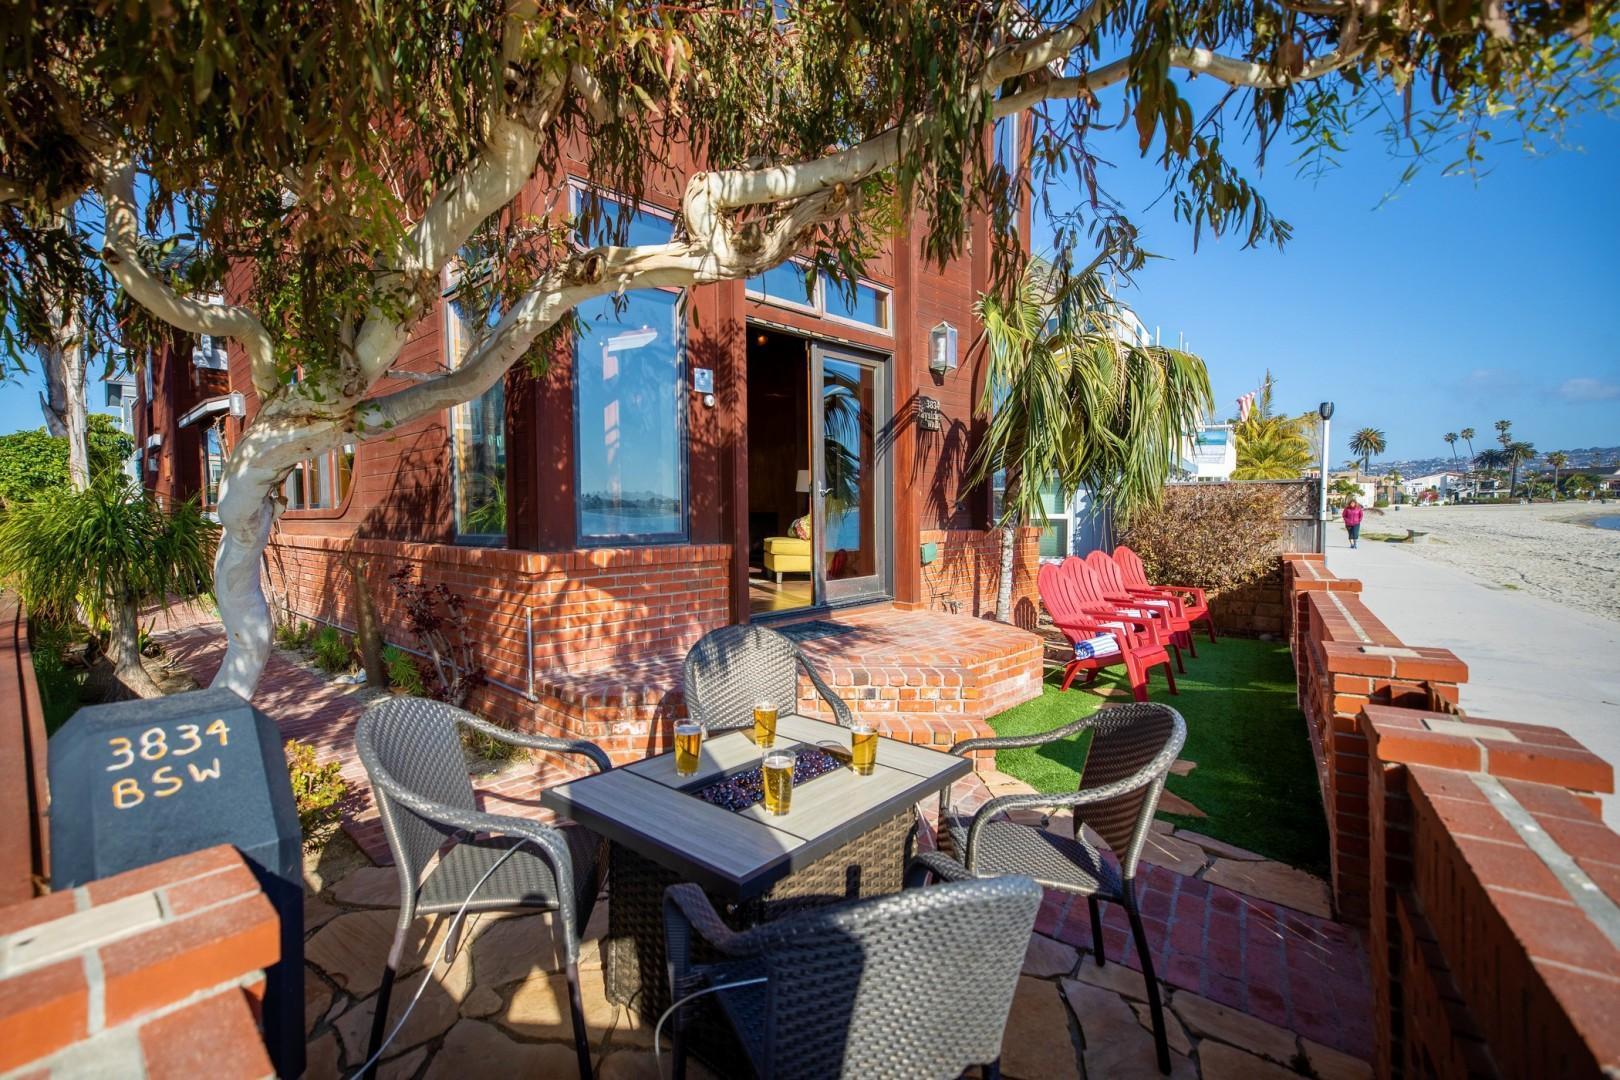 3834_Bayside_Walk_San_Diego_Airbnb_16